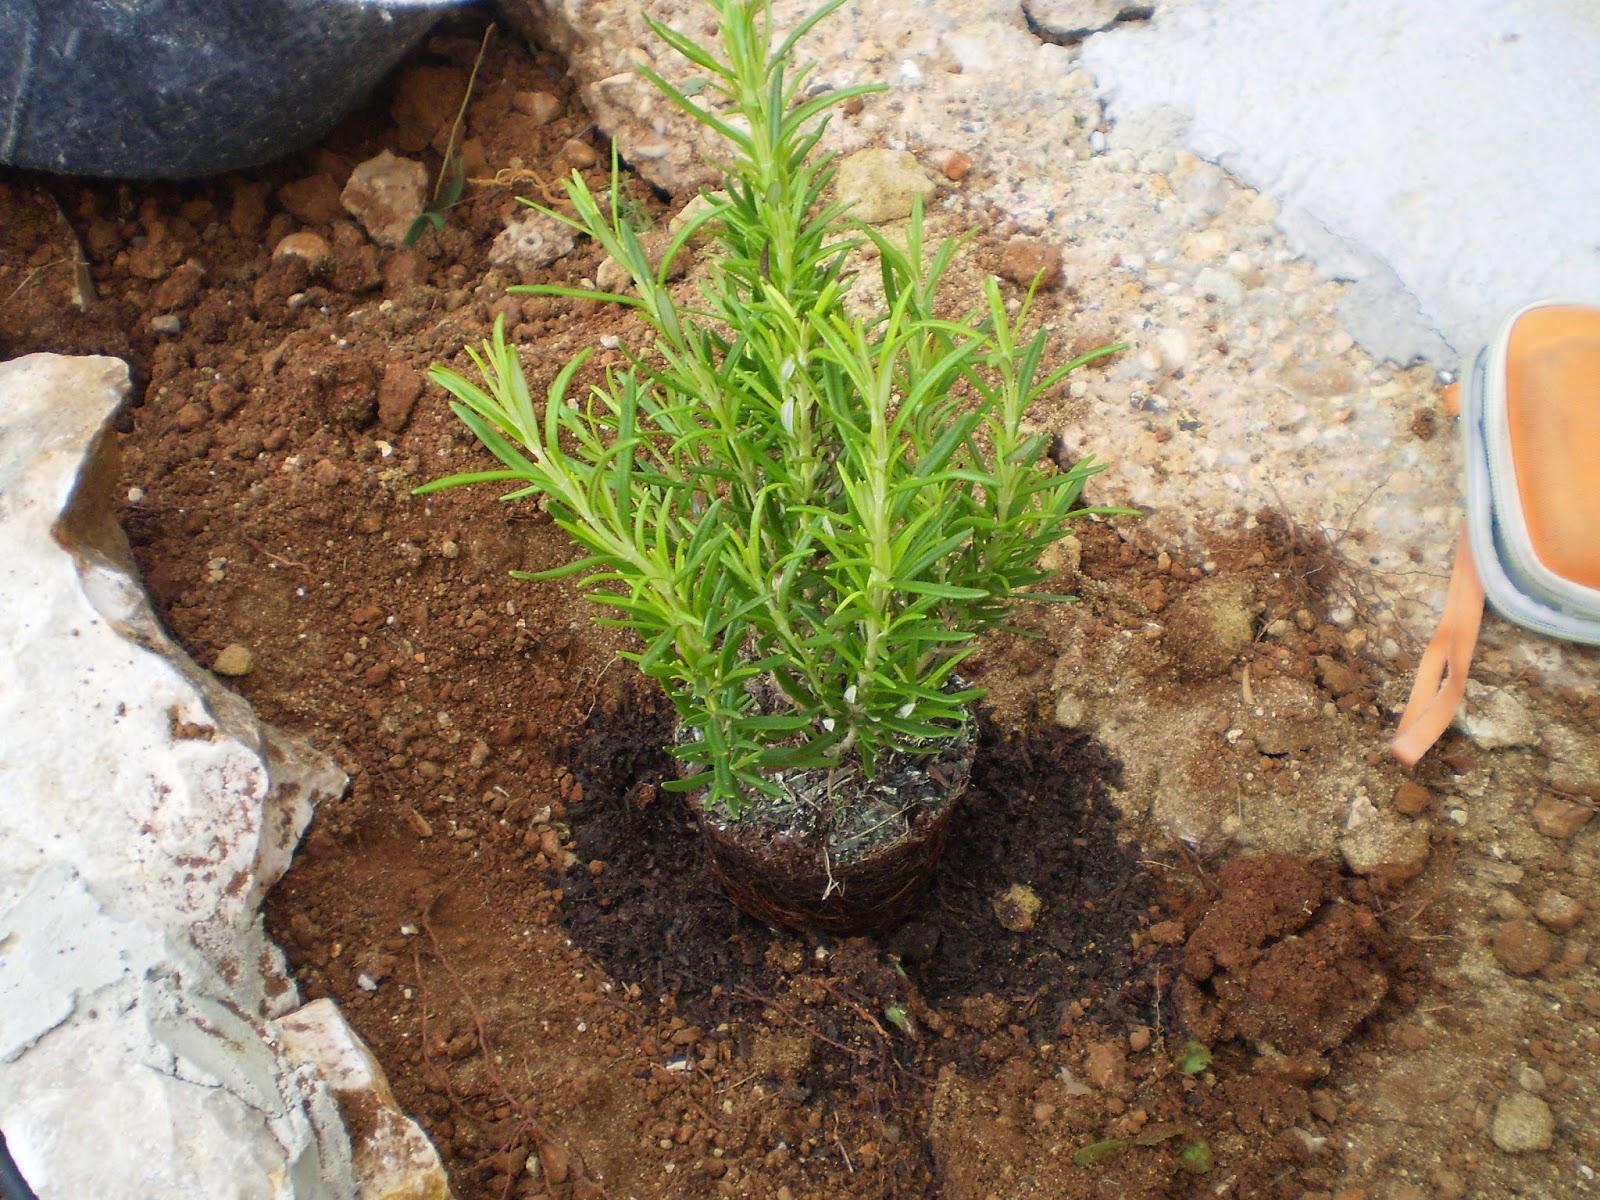 Cultivar el huerto casero plantando romero y tomillo - Huerto de plantas aromaticas ...